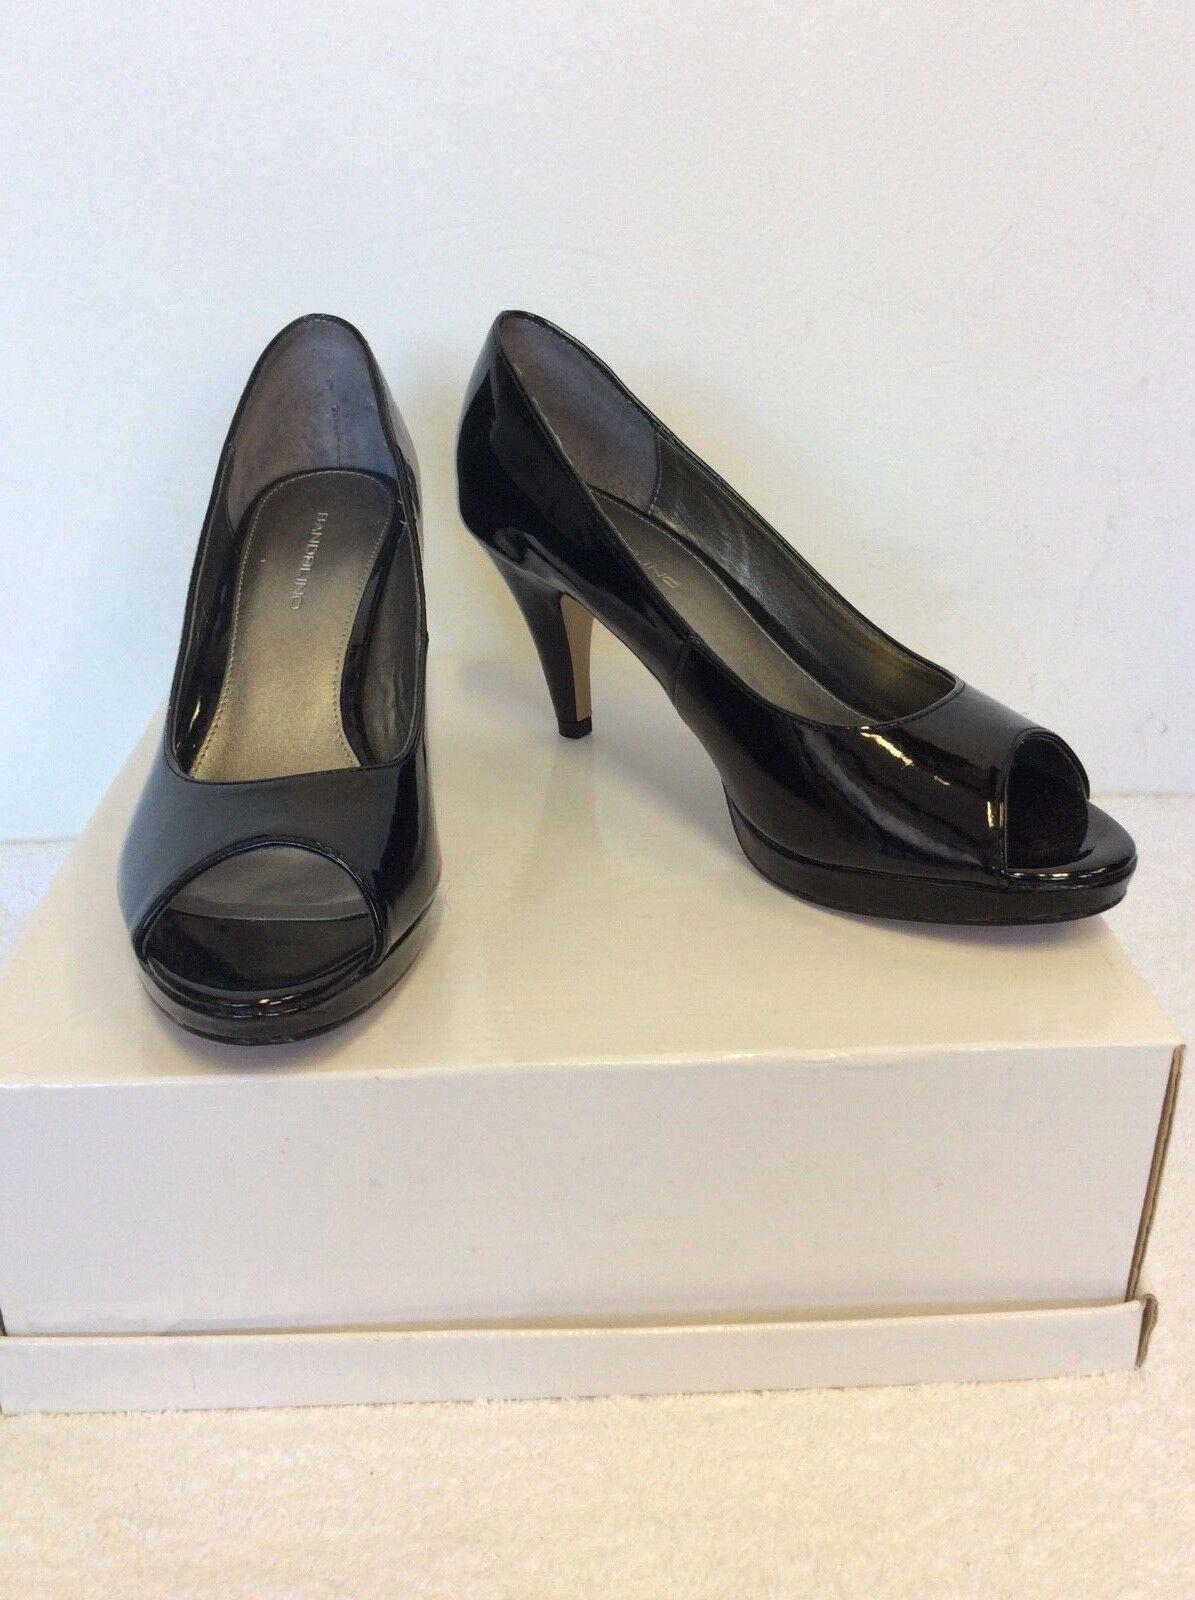 Bandolino Nuovo di vernice Zecca Peeptoe Heels in vernice di nera misura 6/39 6581e3